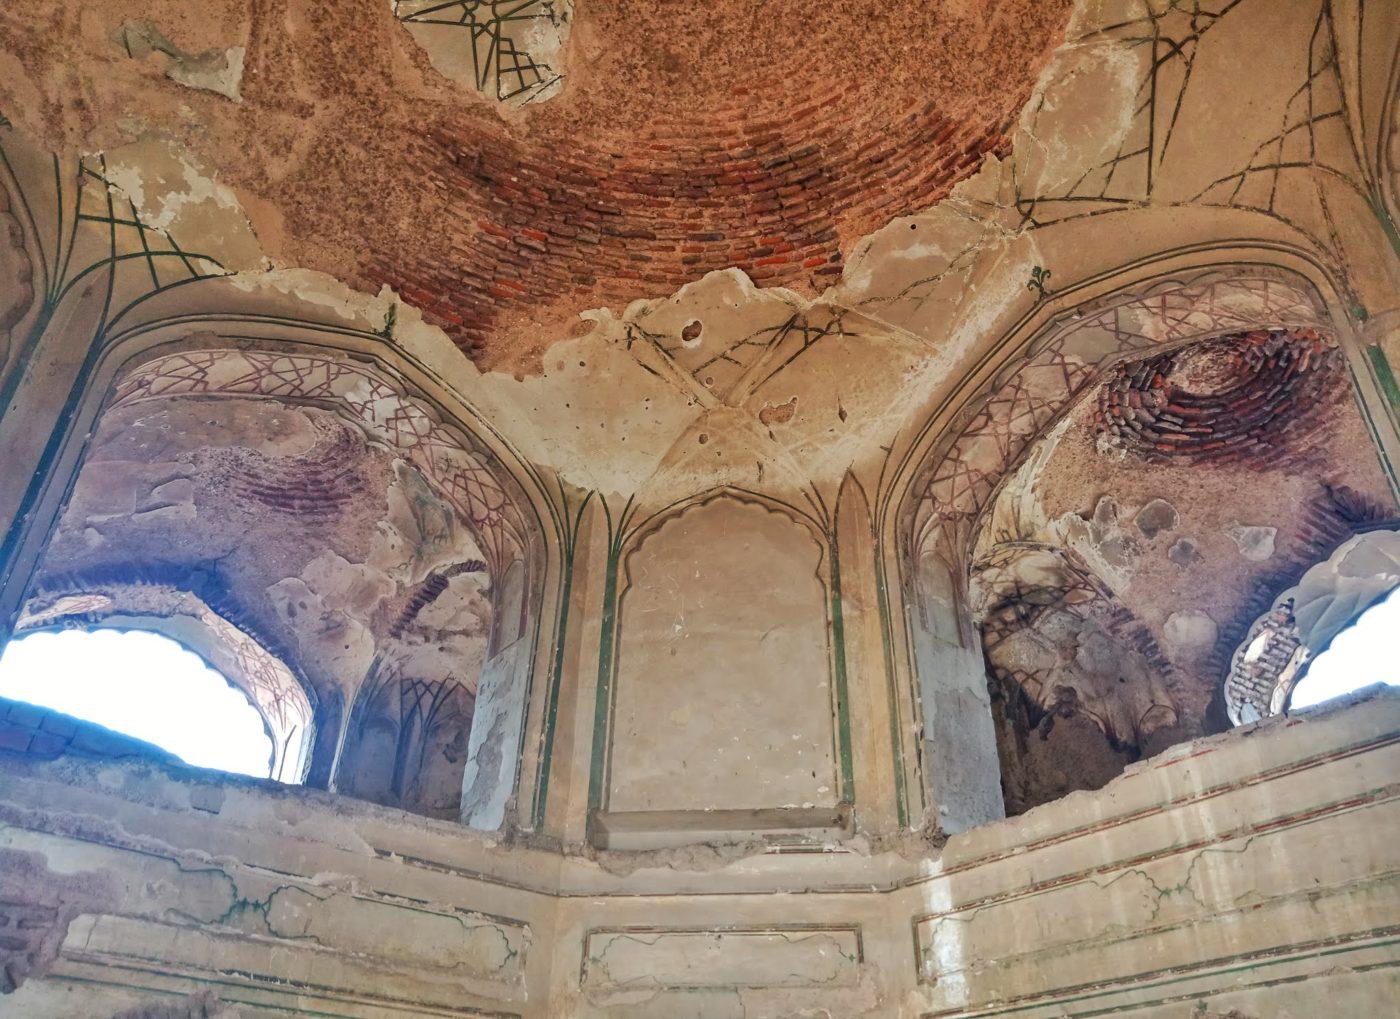 6545504420745367051 - The Tomb of Nadira Begum: Royal Ruins